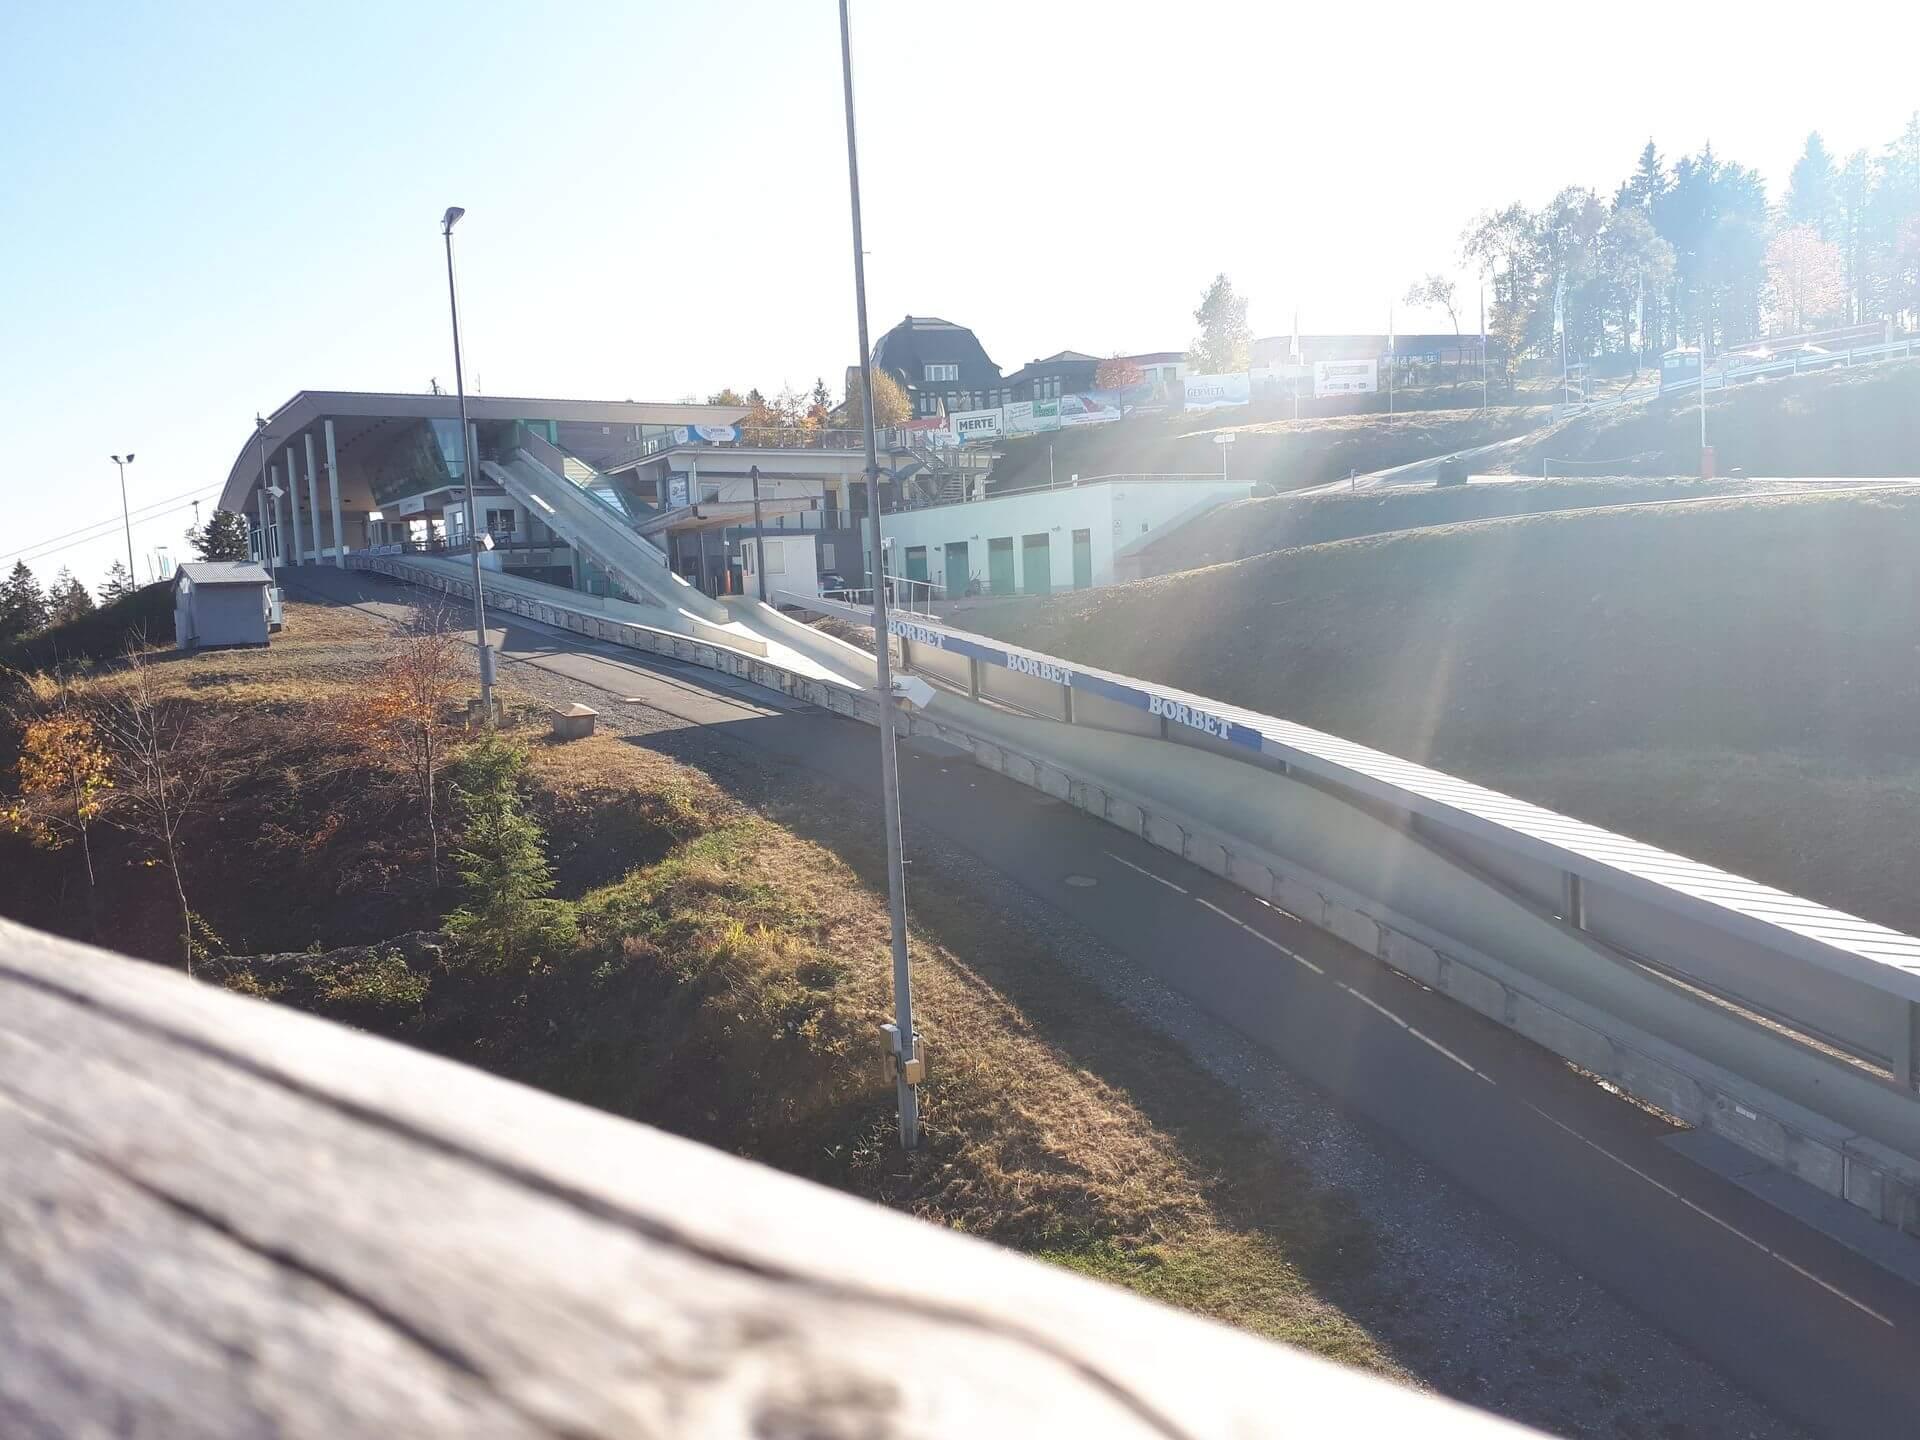 Bobhaus von der Panorama Brücke aus